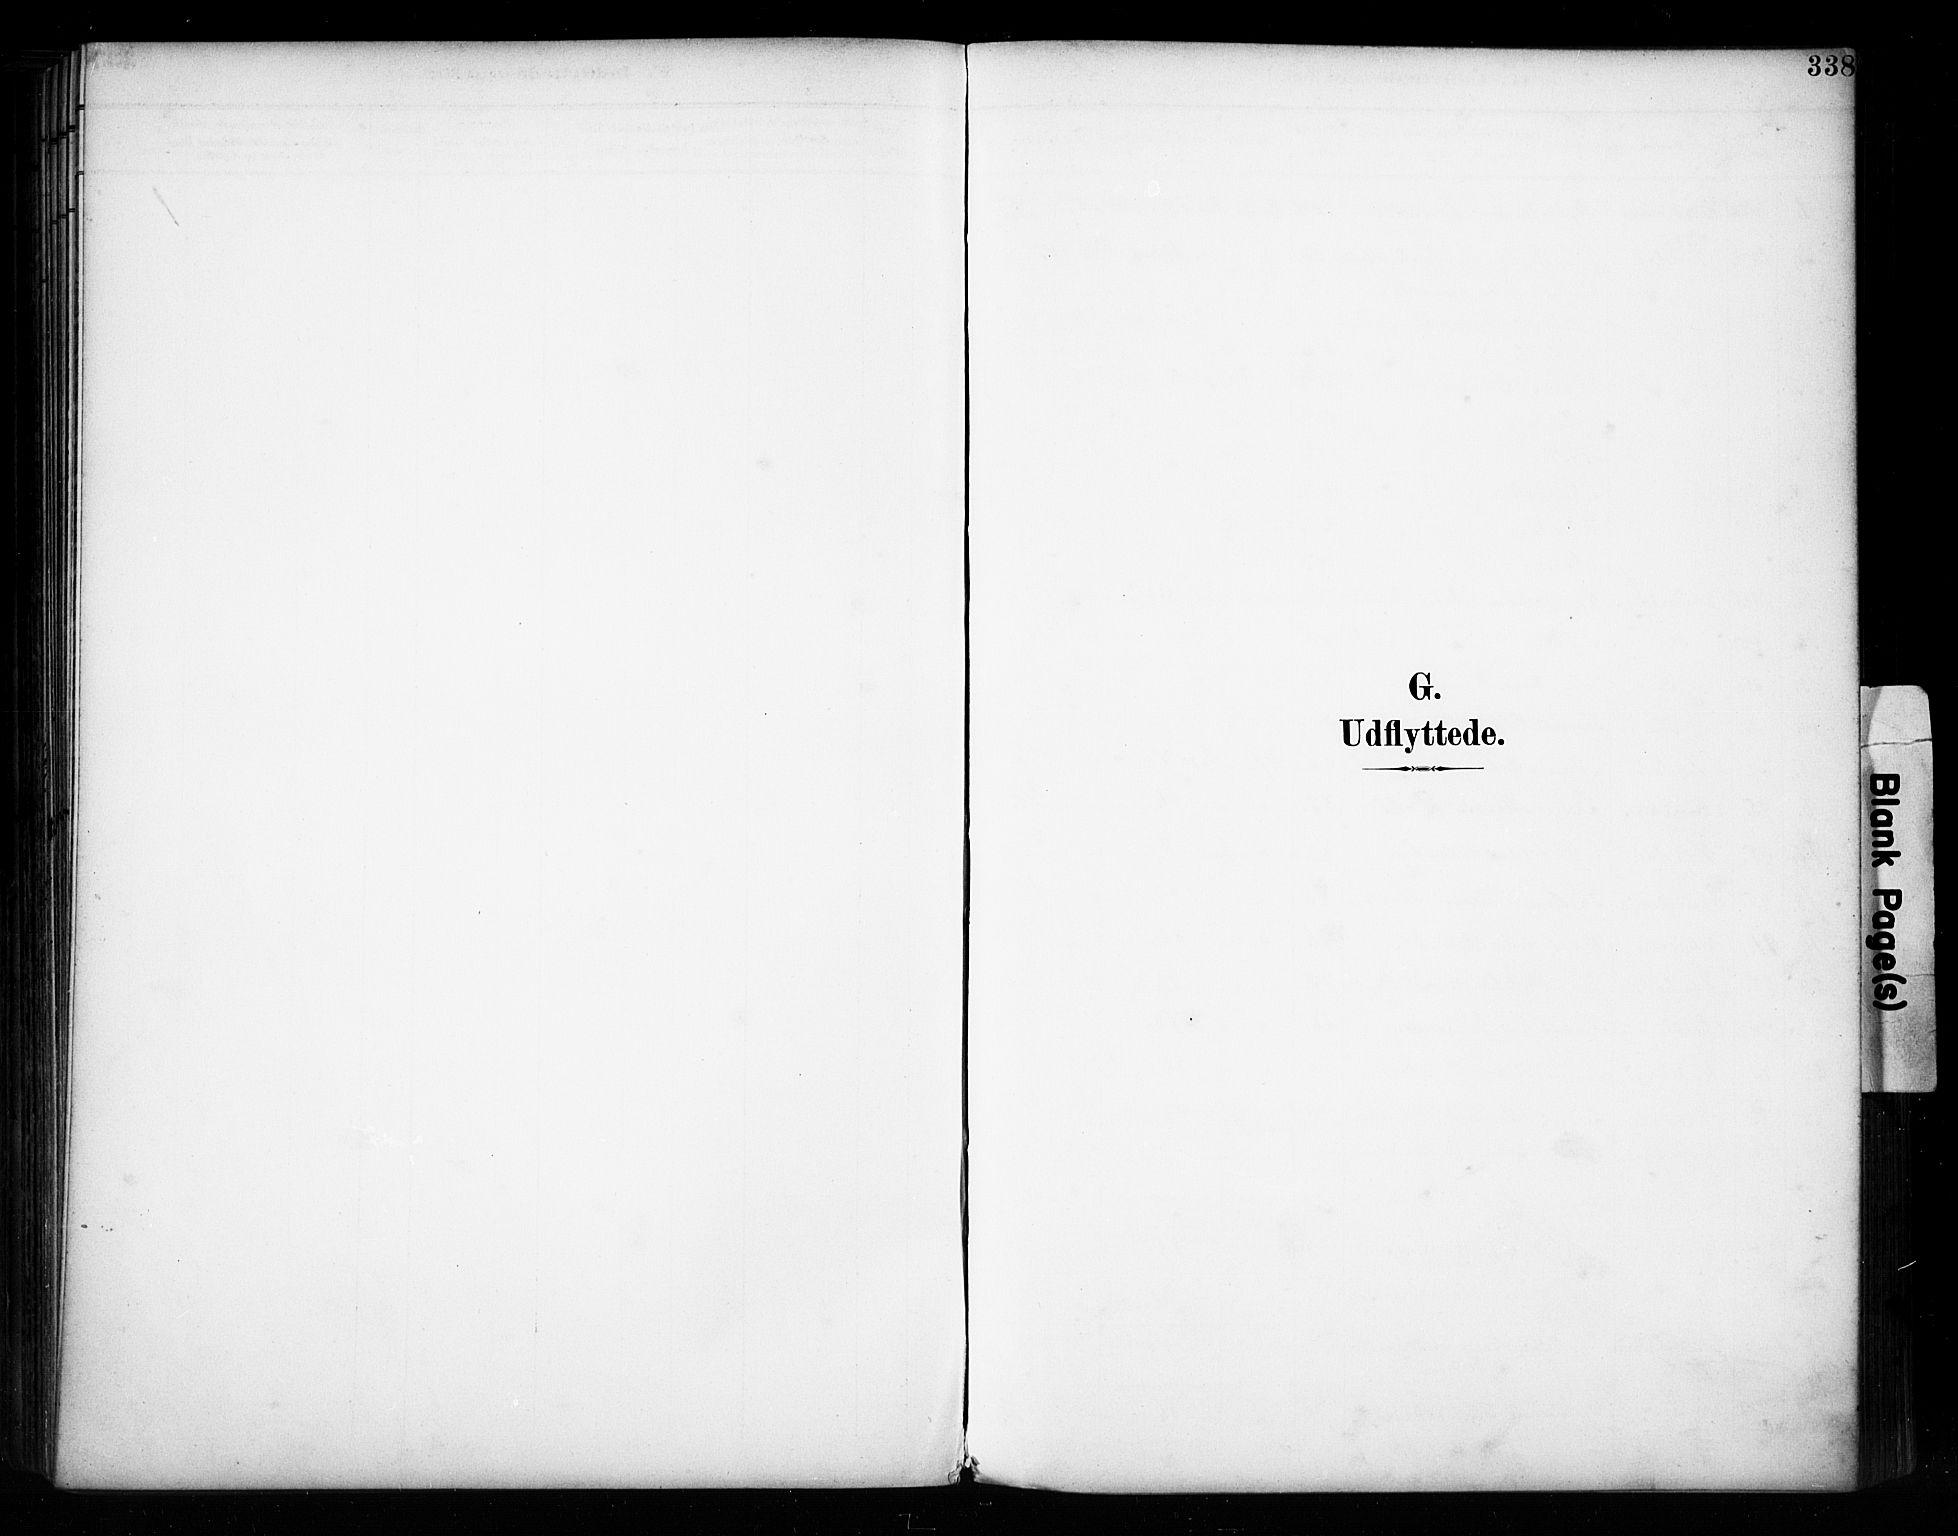 SAH, Vestre Toten prestekontor, Ministerialbok nr. 11, 1895-1906, s. 338